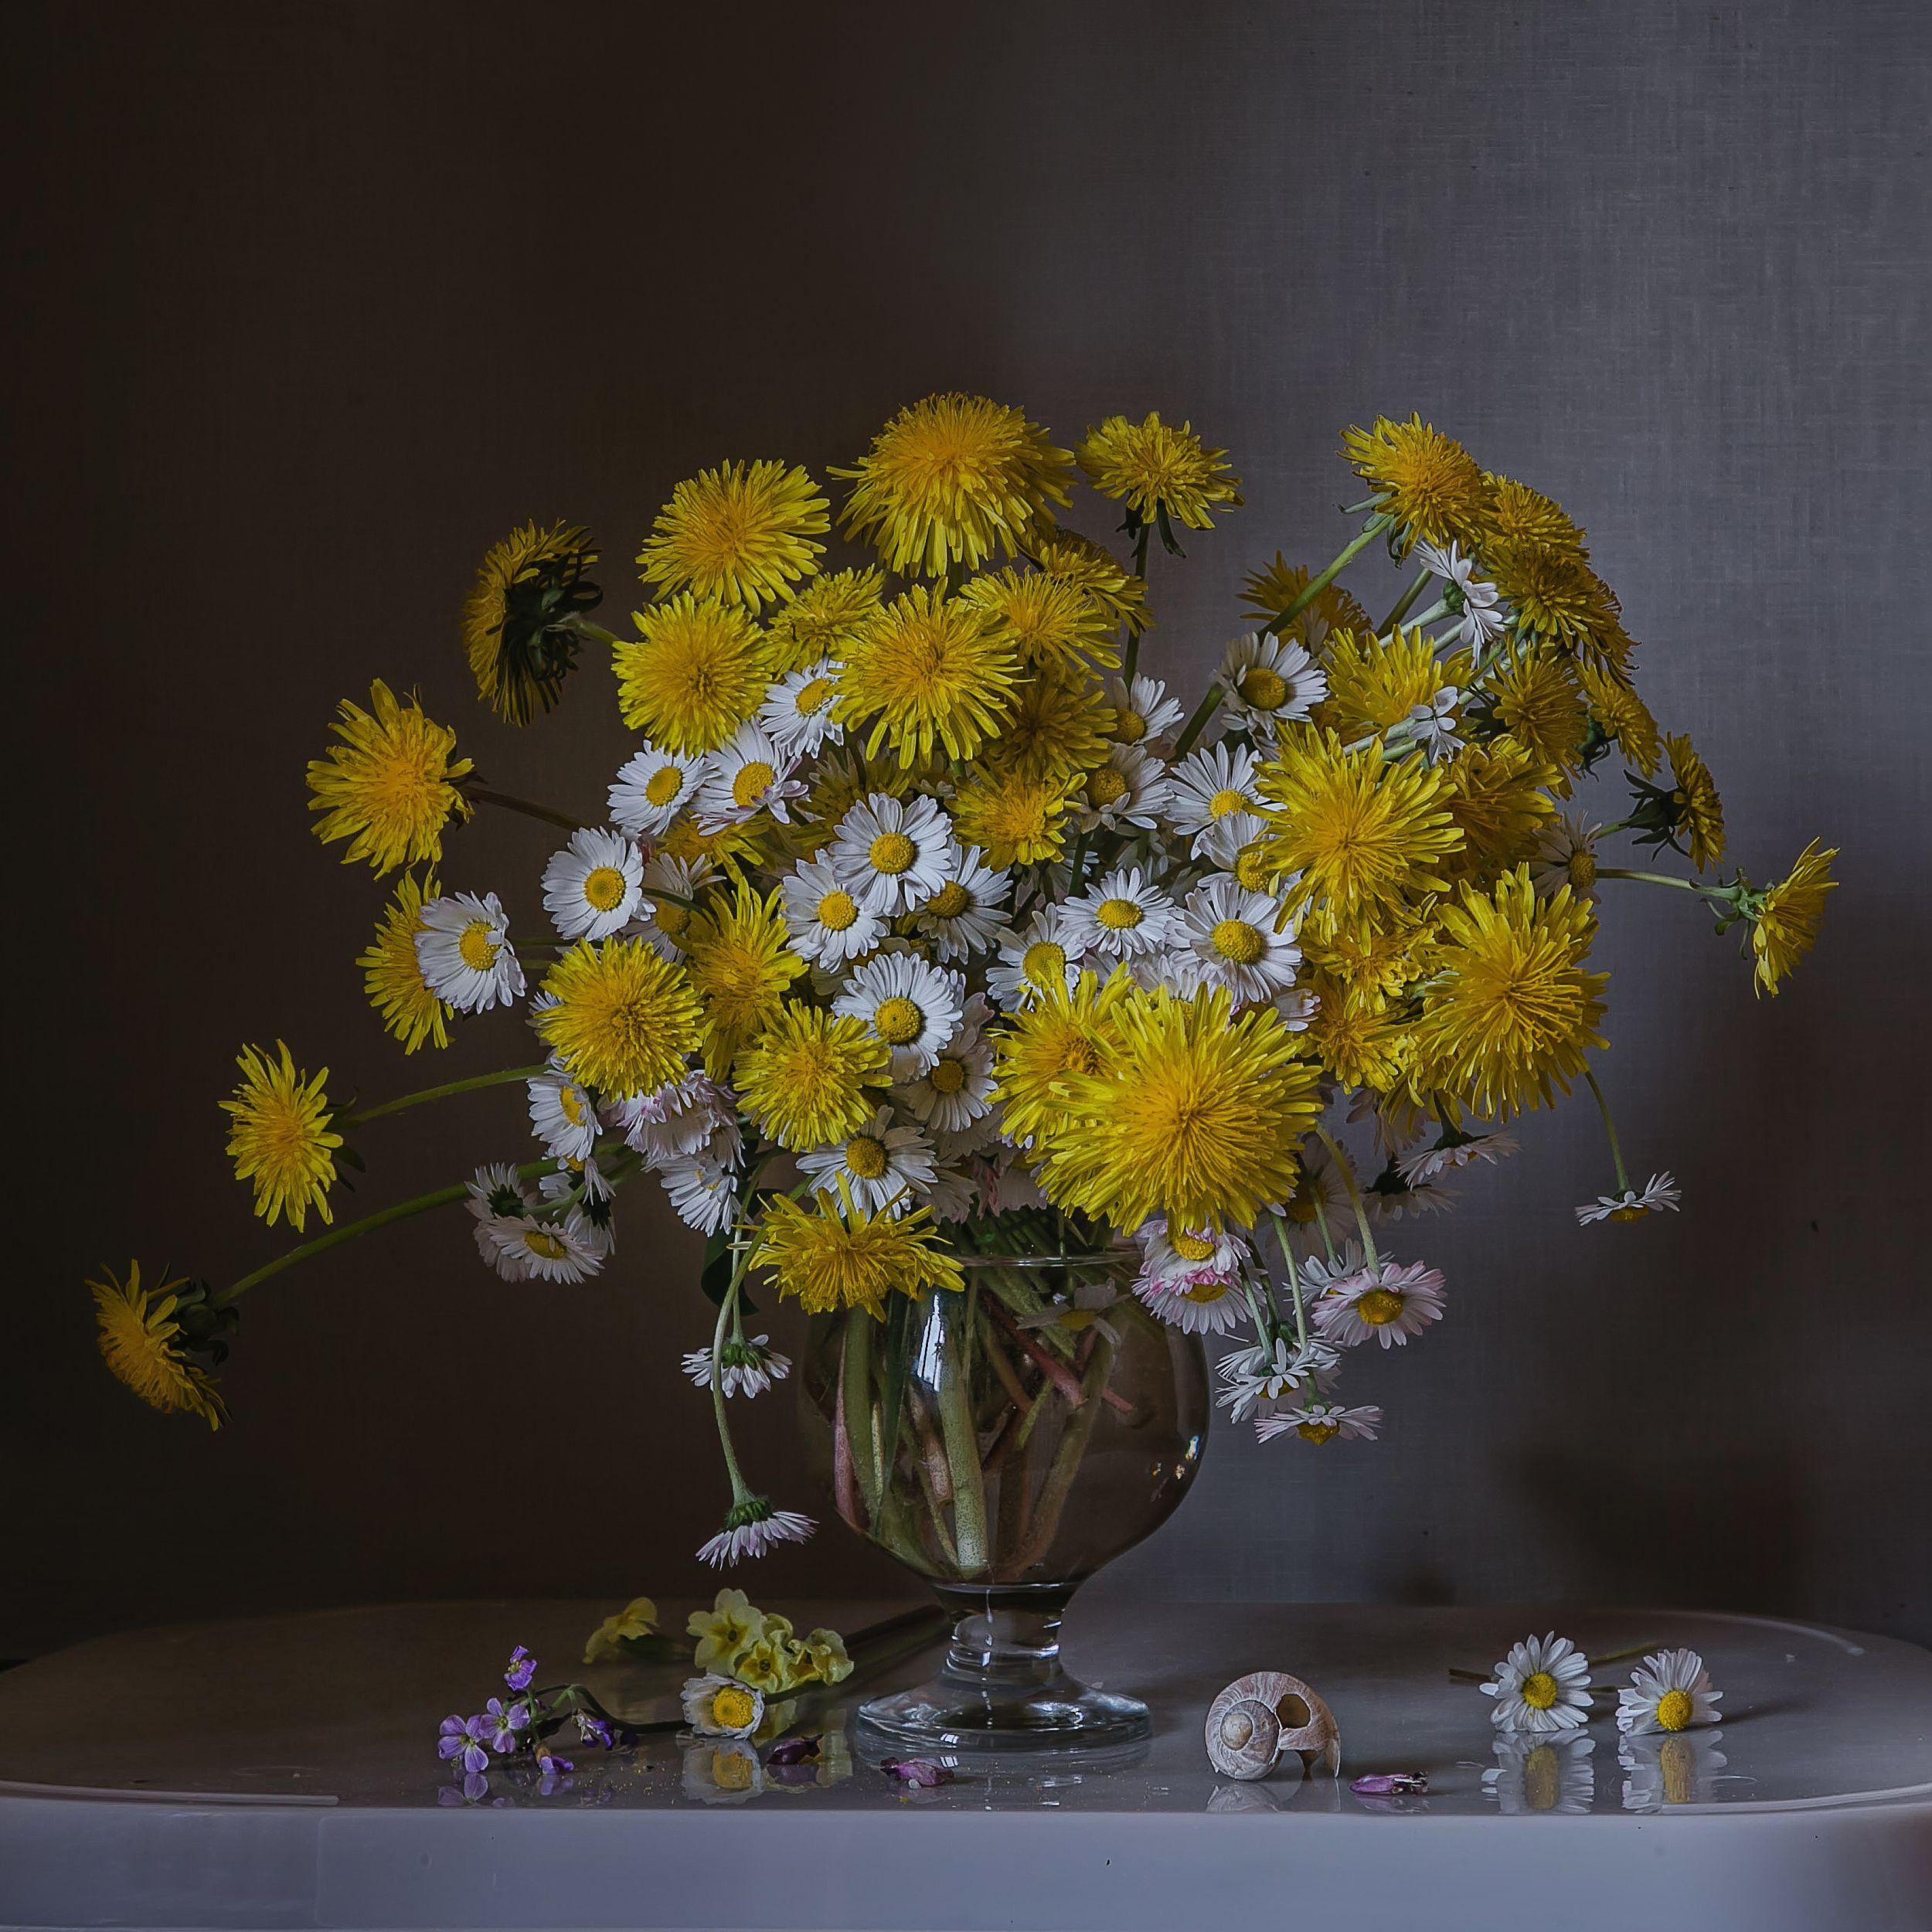 натюрморт, стекло, бокал, цветы, одуванчики, маргаритки, Анна Петина